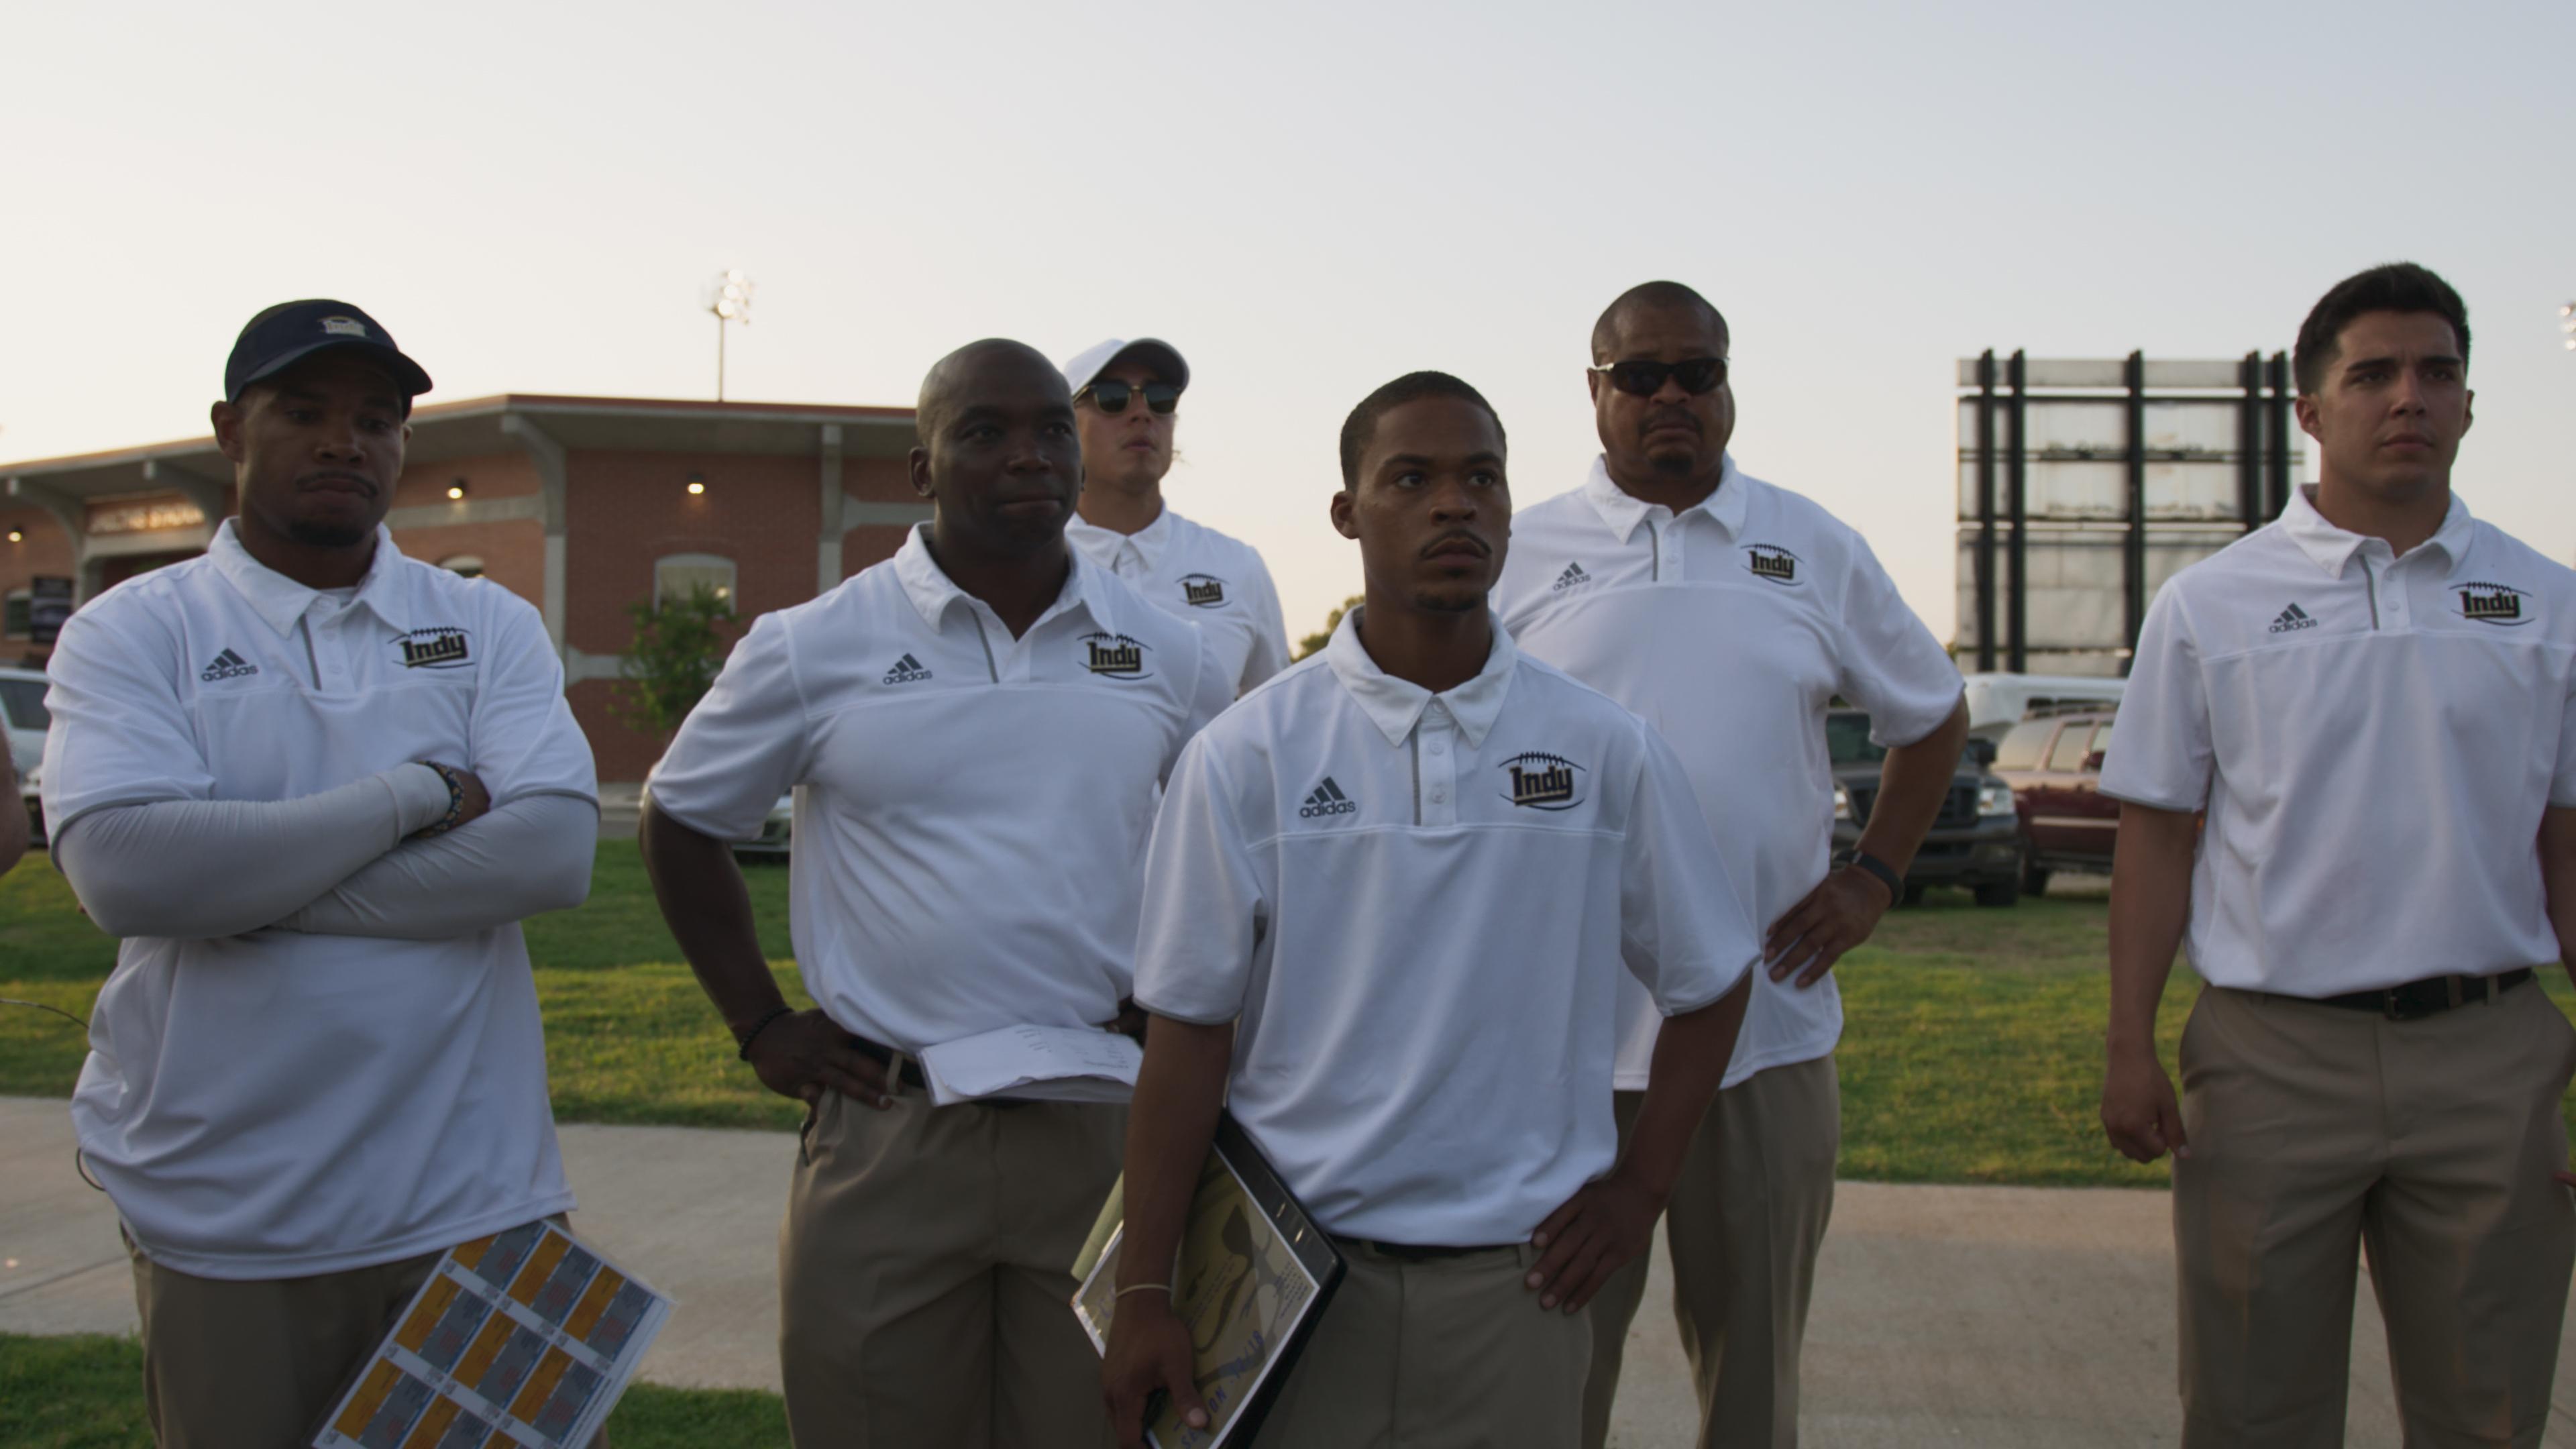 Last Chance U Season 3 Coaching Staff